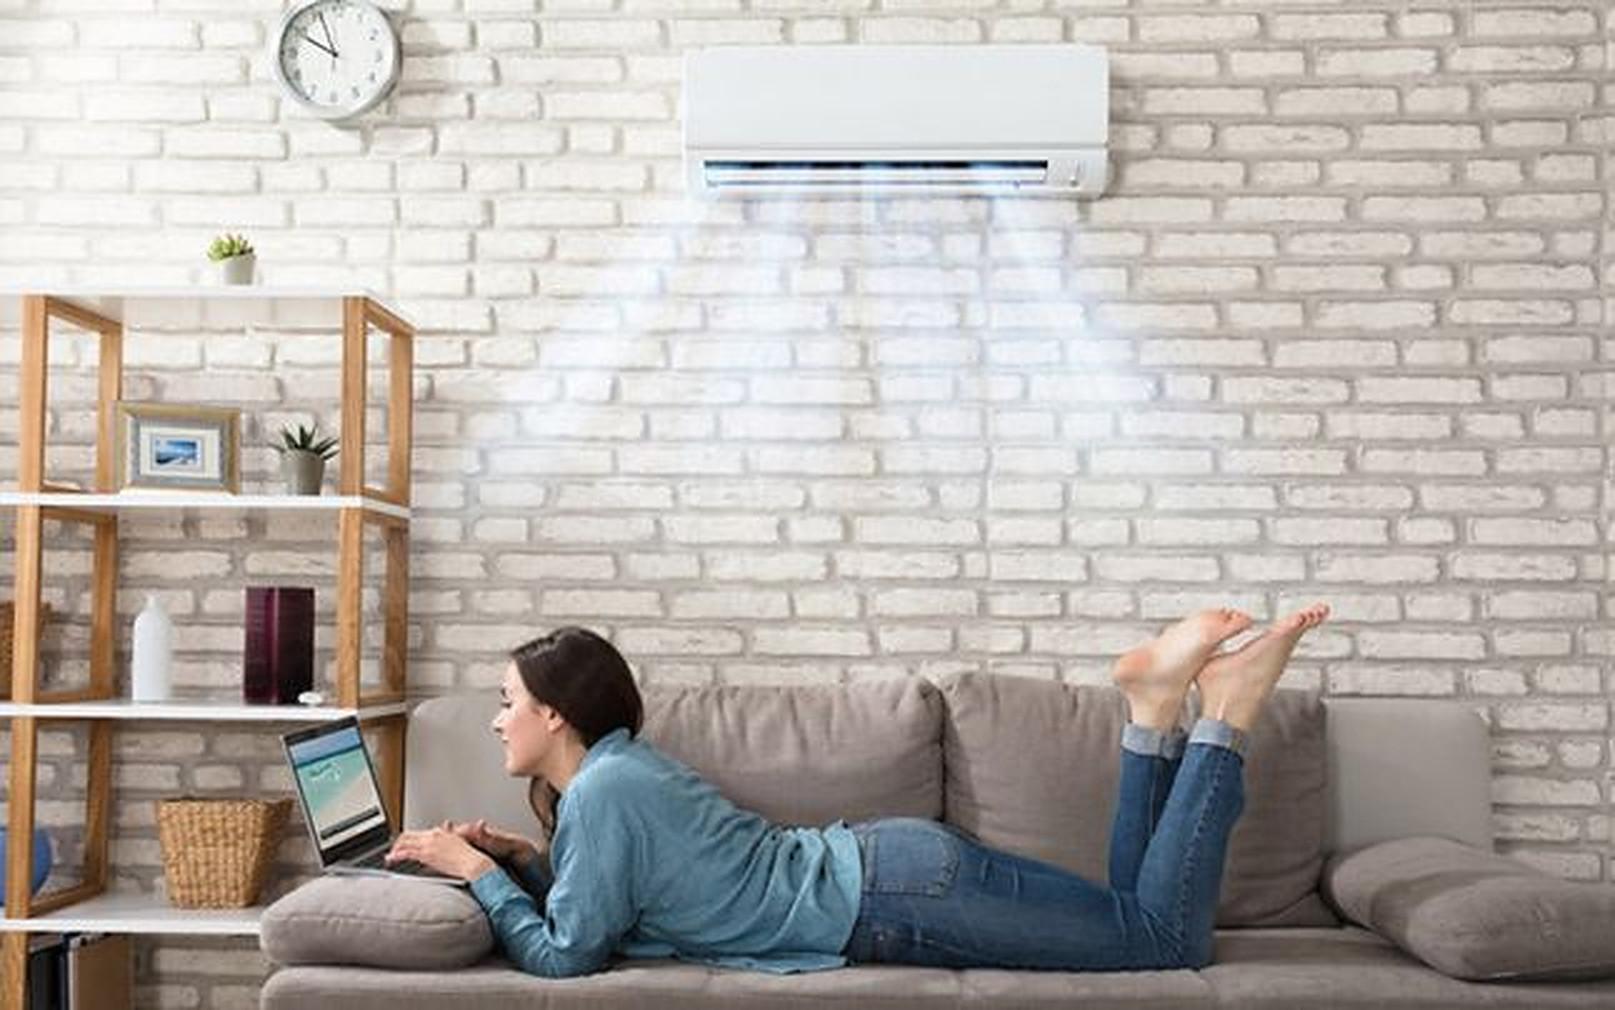 Cum să stai la răcoare fără aer condiționat